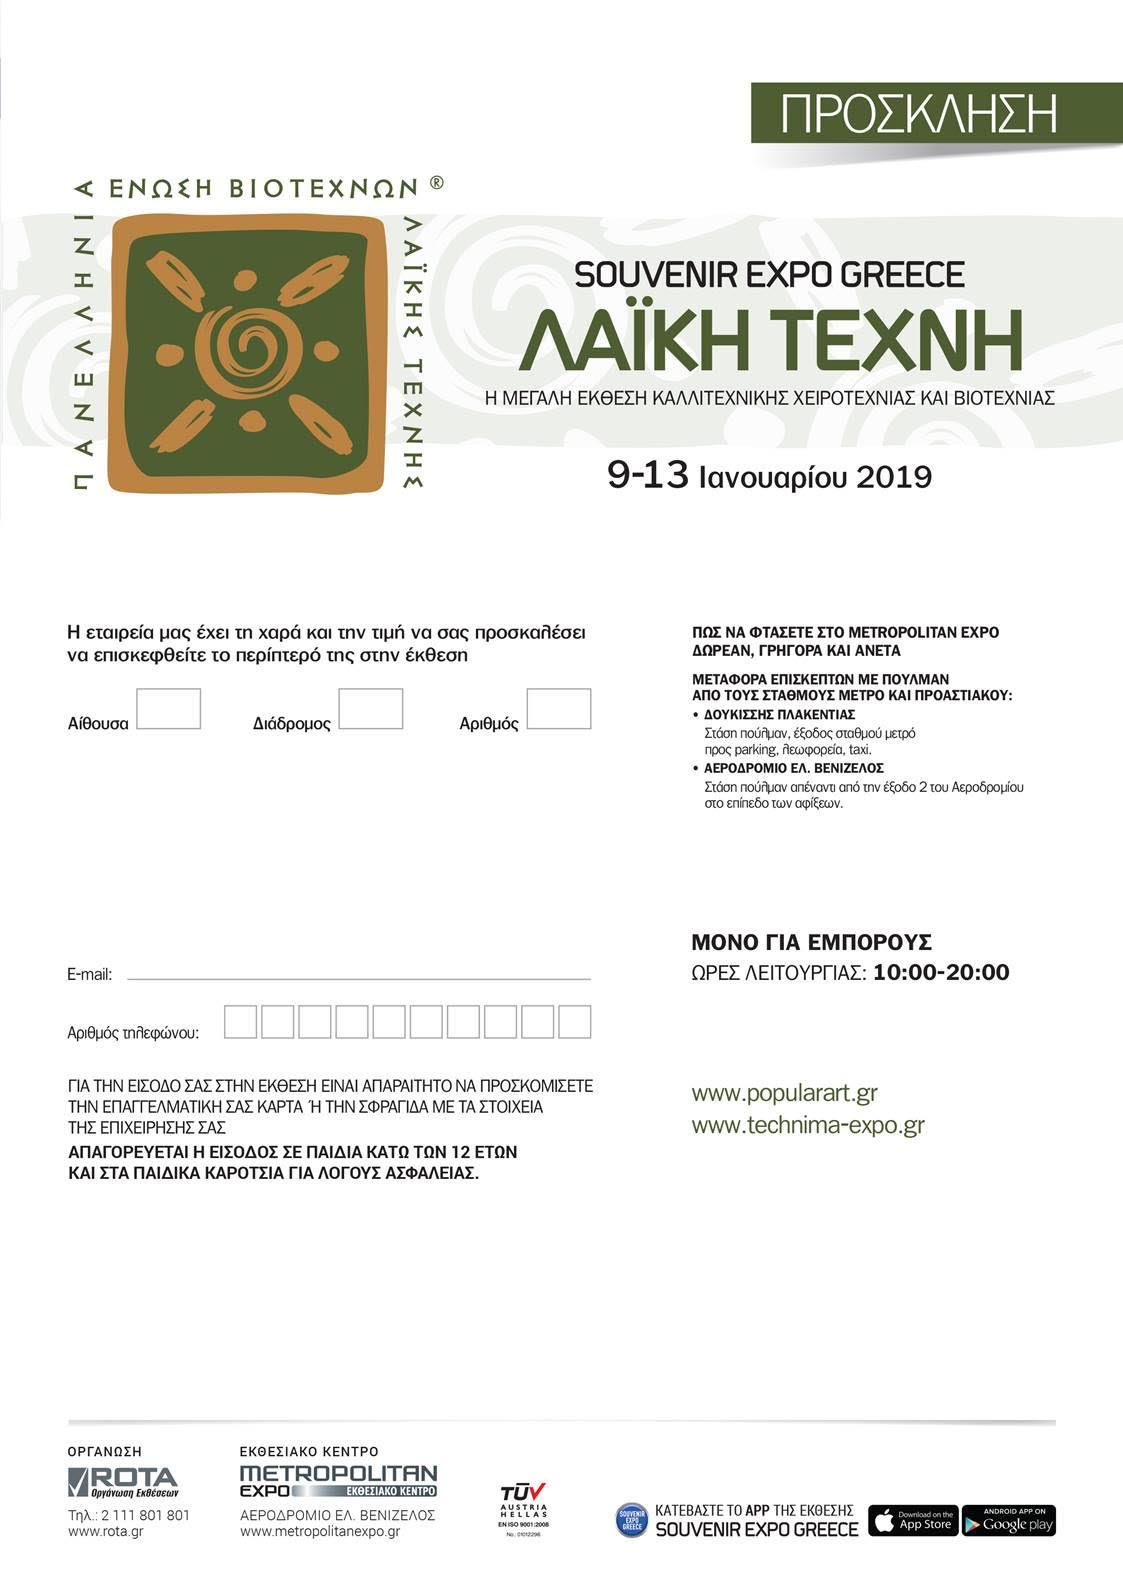 Διεθνής Έκθεση Souvenir Expo Greece Τέχνημα & Λαϊκή Τέχνη από 9 έως 13 Ιανουαρίου 2019 στην Αθήνα.